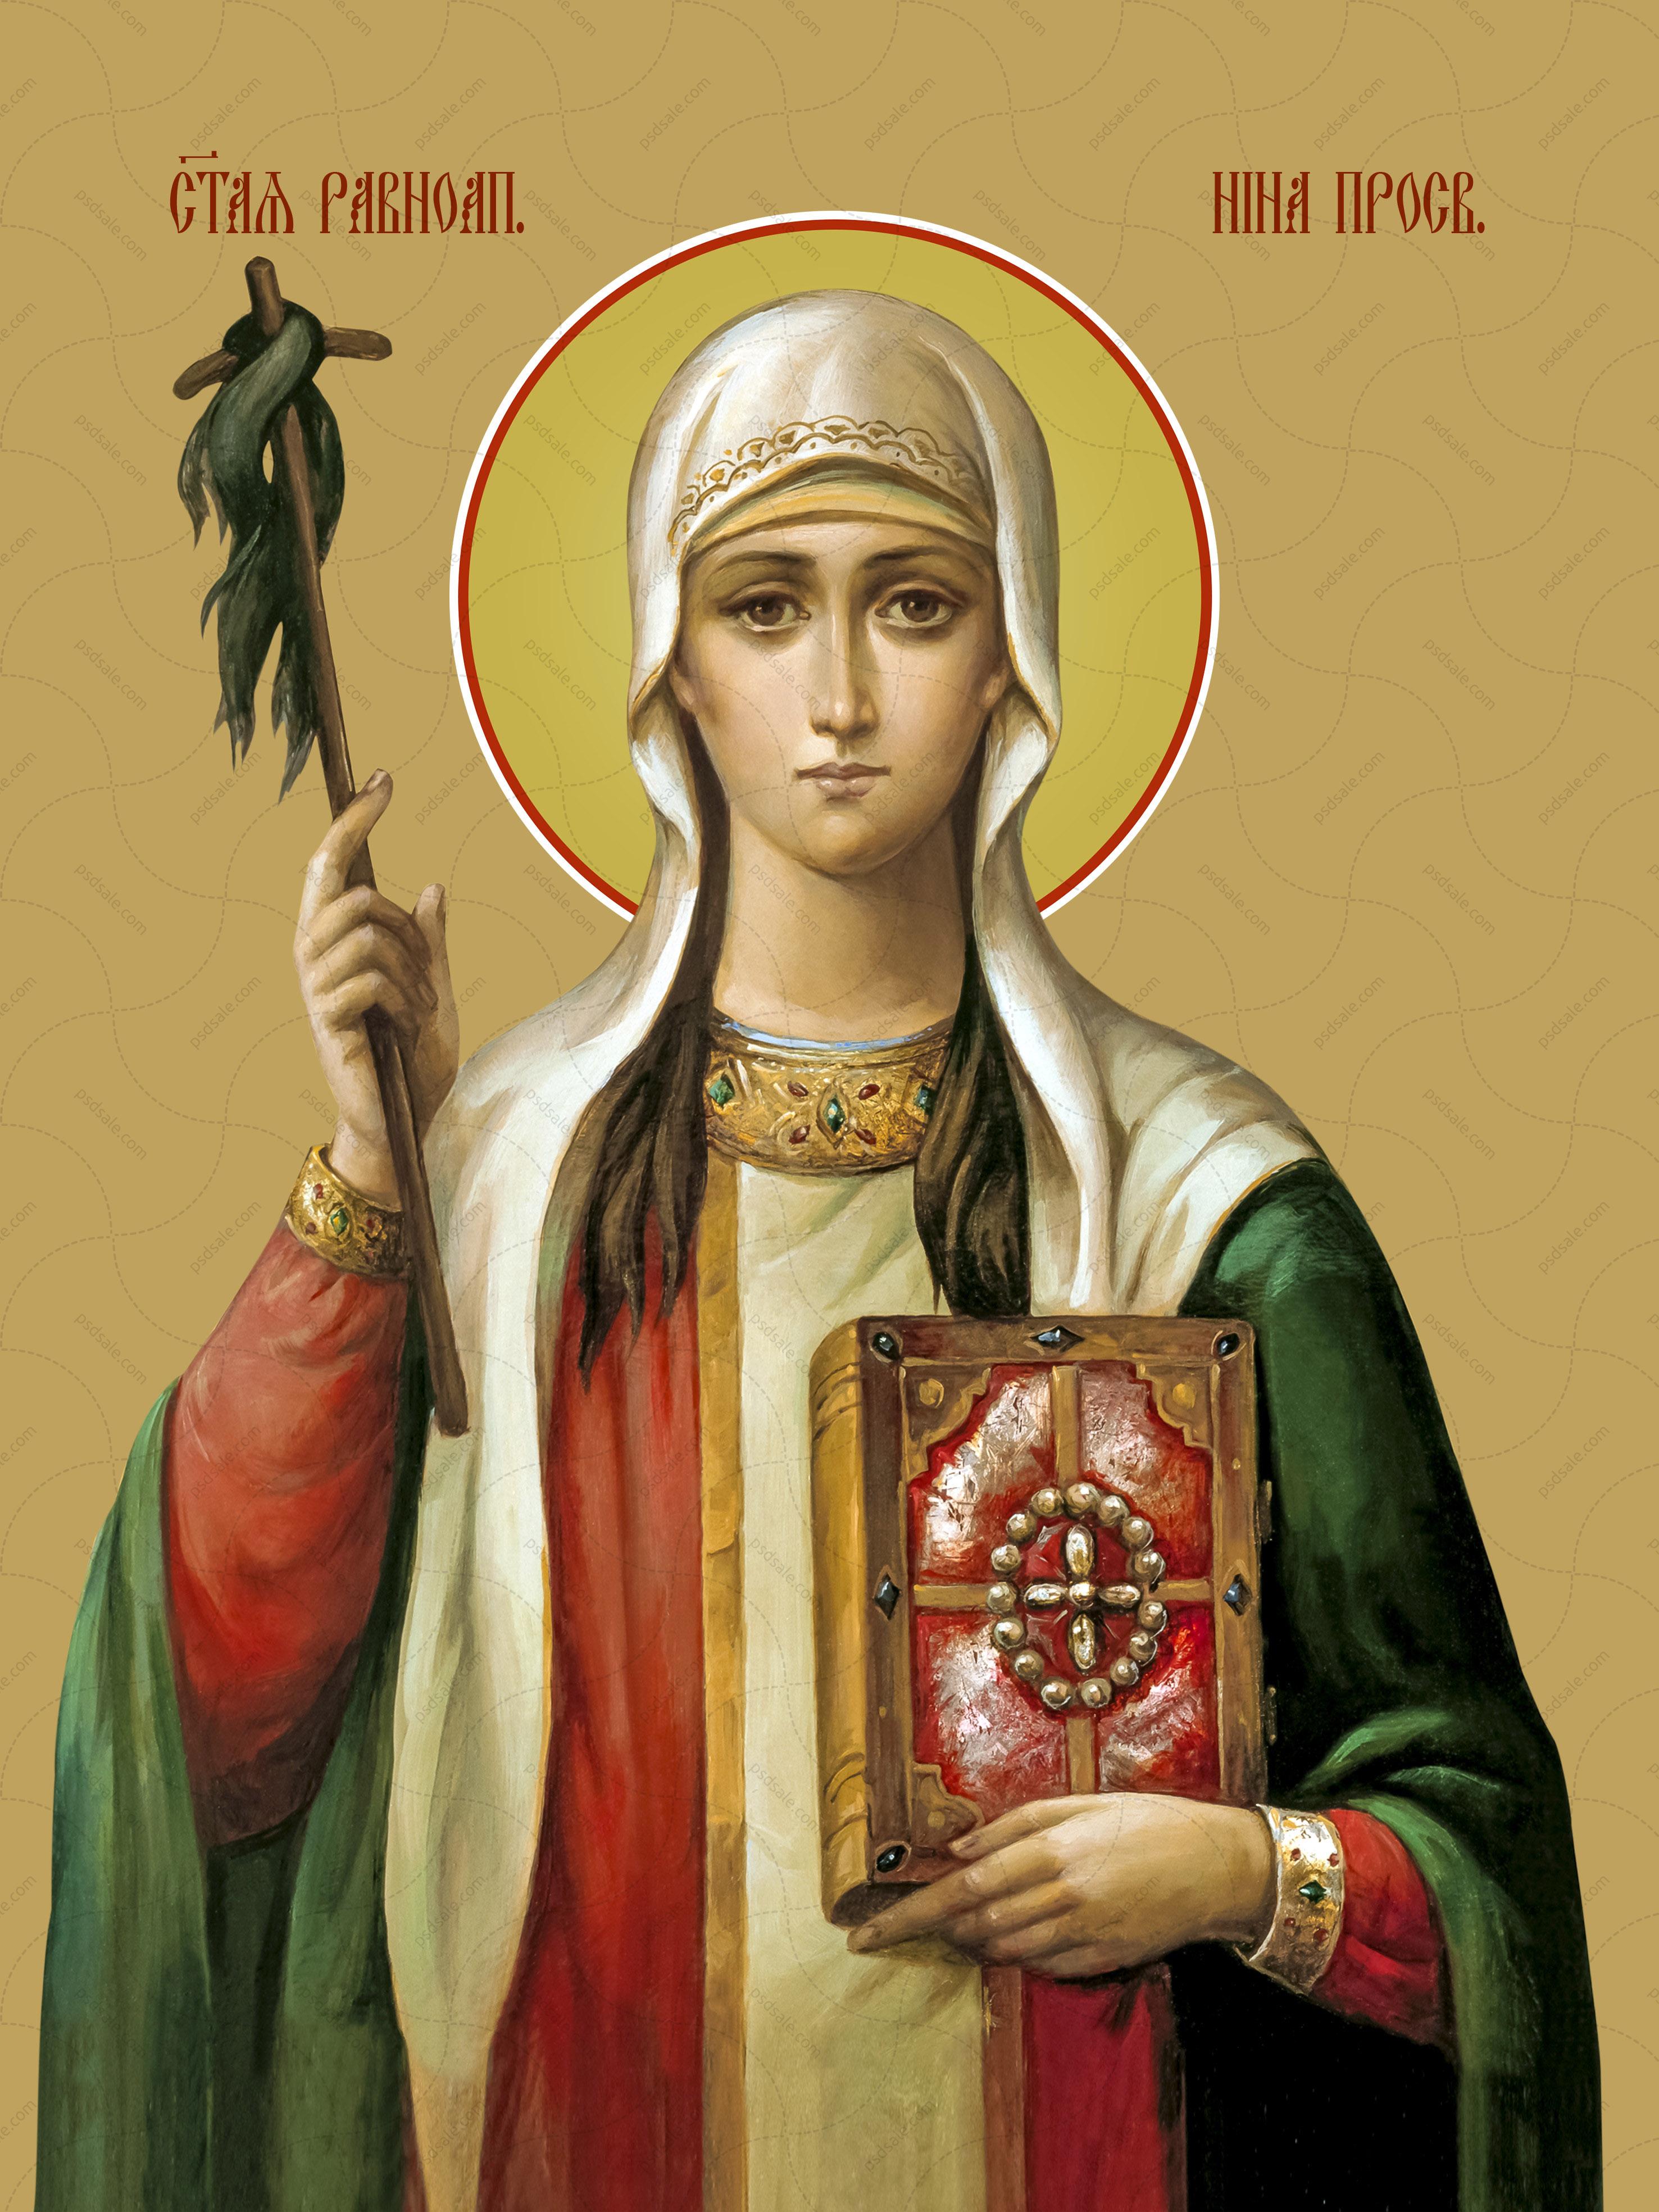 Нина, святая равноапостольная просветительница Грузии